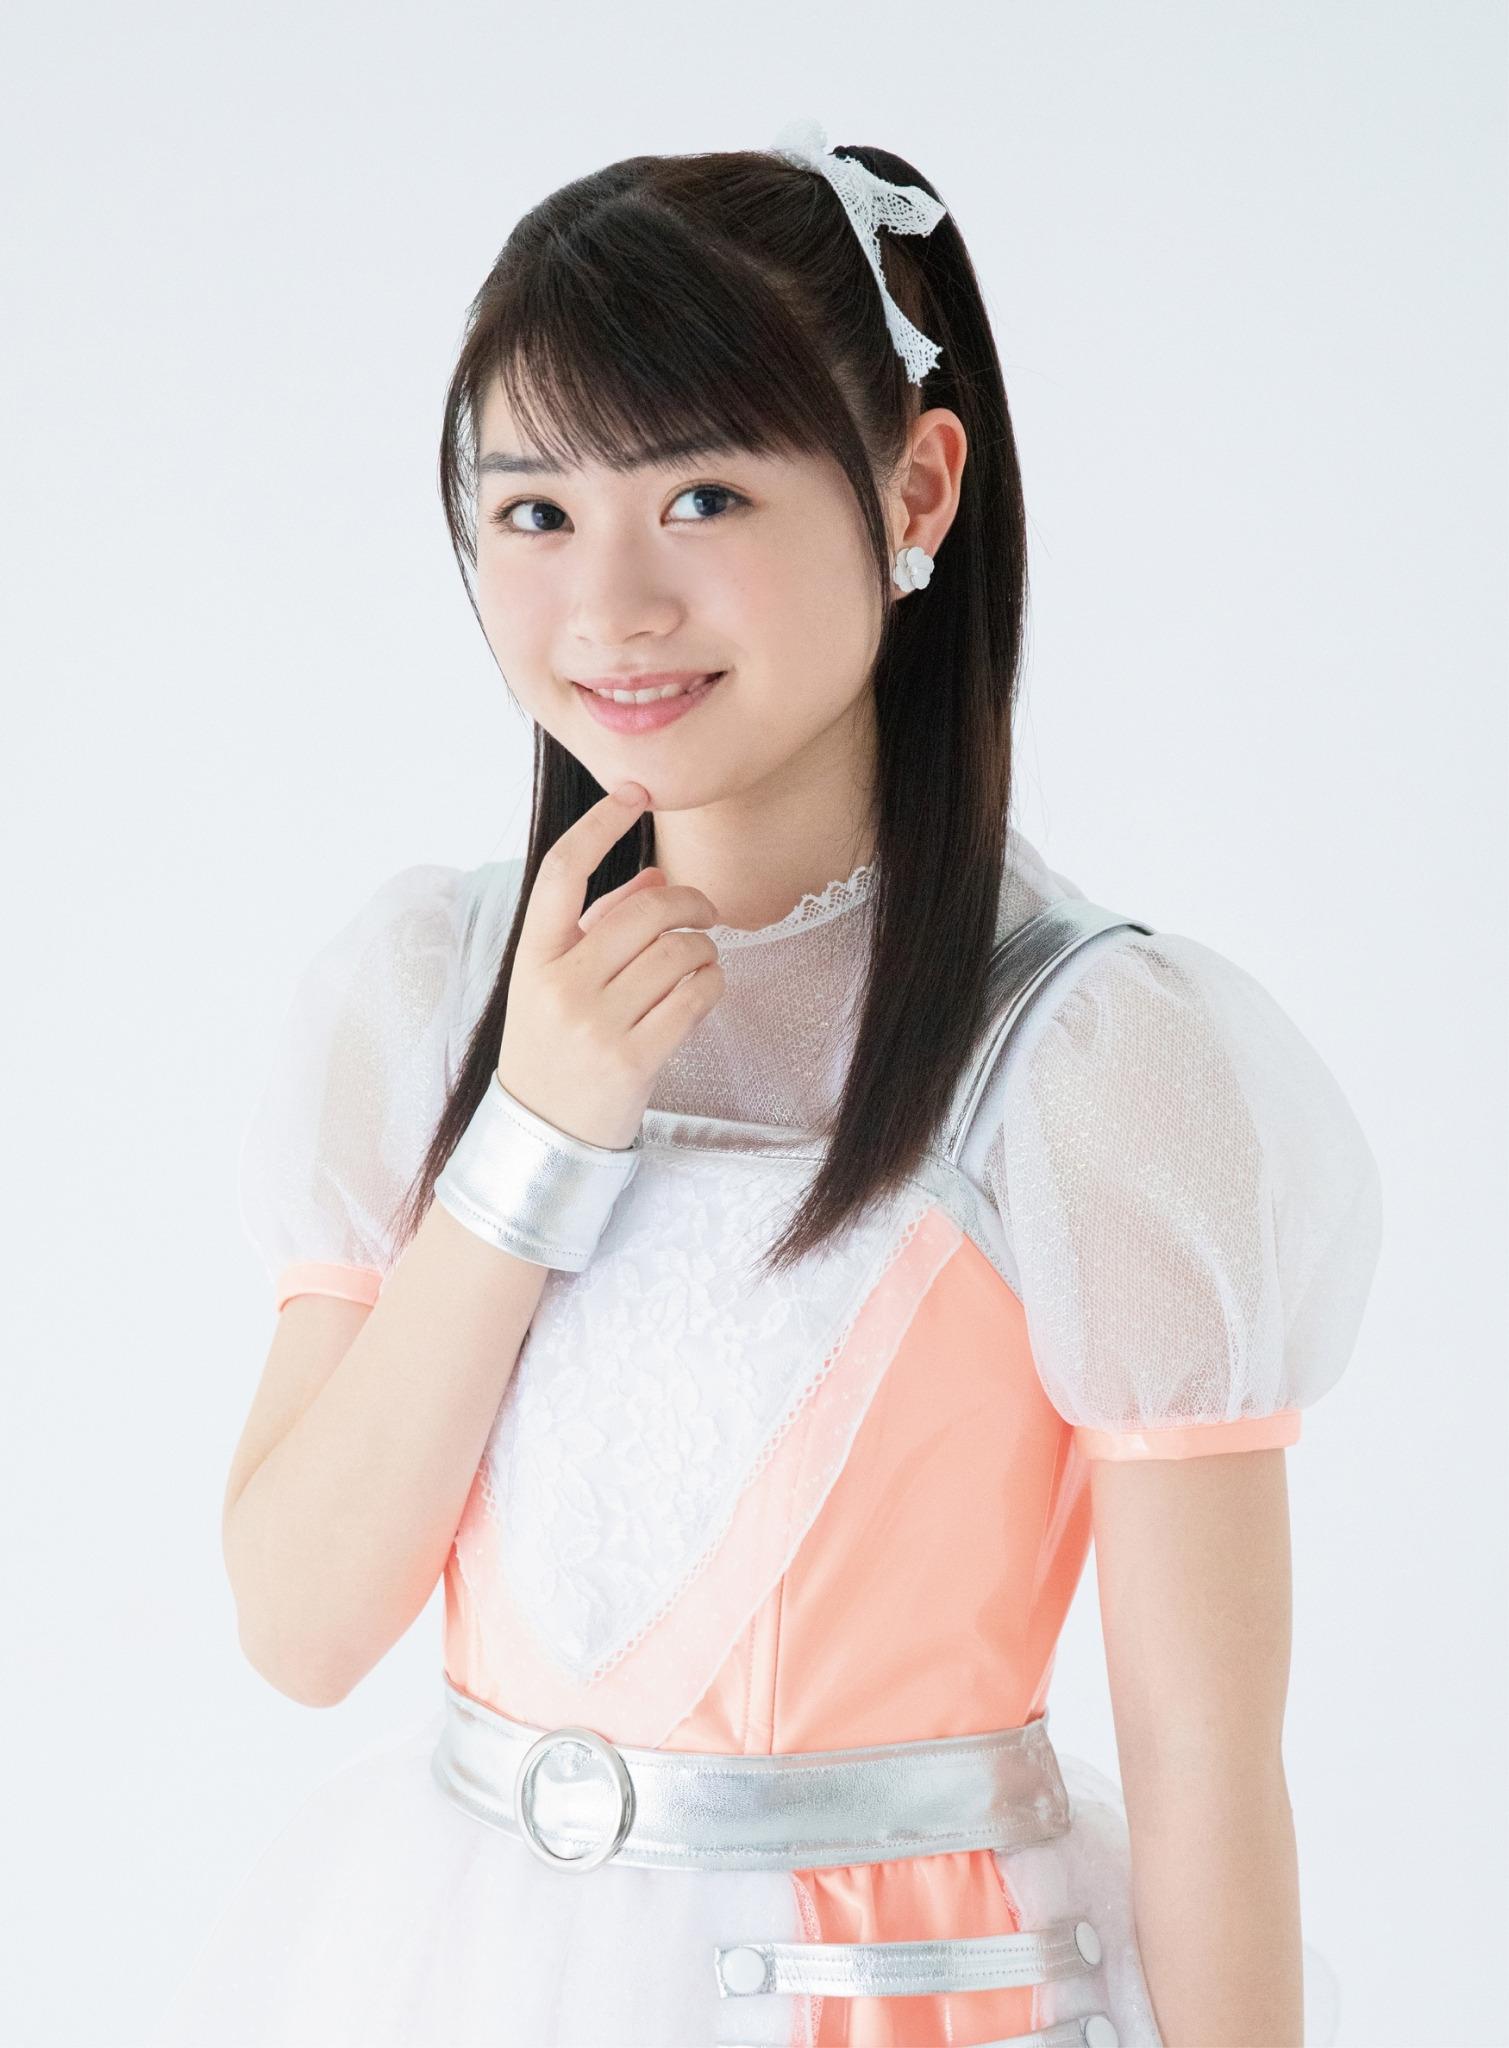 Nakagawa Chihiro